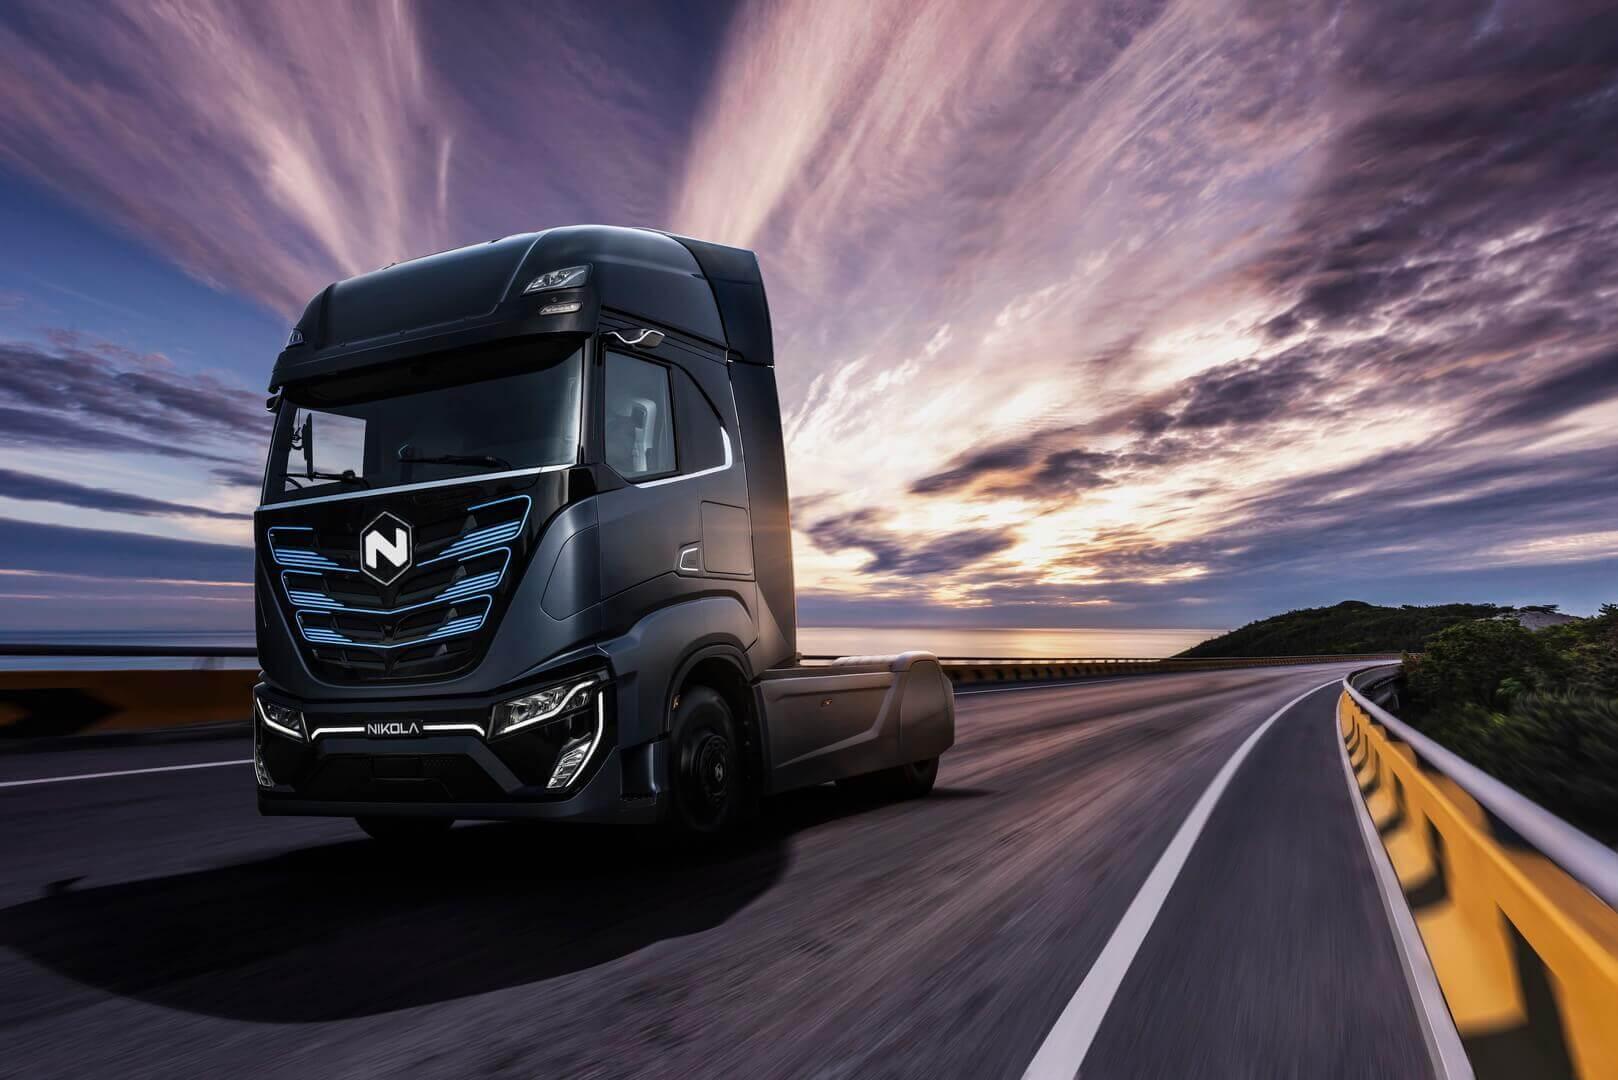 Электрический тягач Nikola TRE с запасом хода до 400 км для европейского рынка